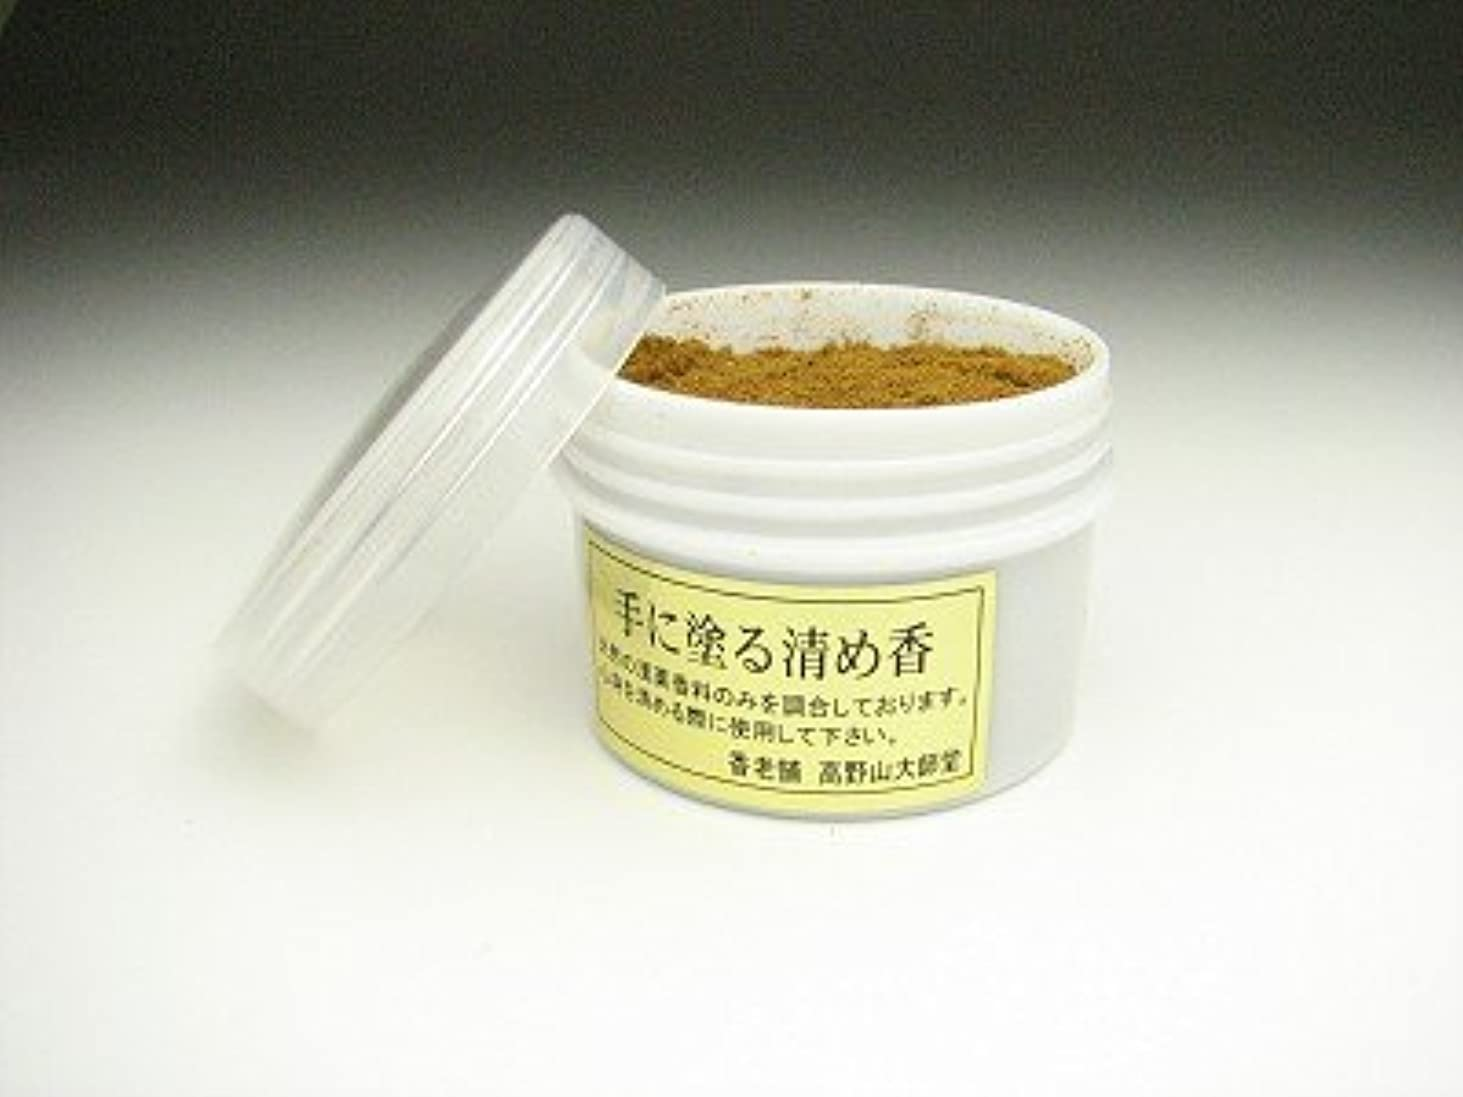 塗香 (手に塗る清め香) 15g プラカップ入